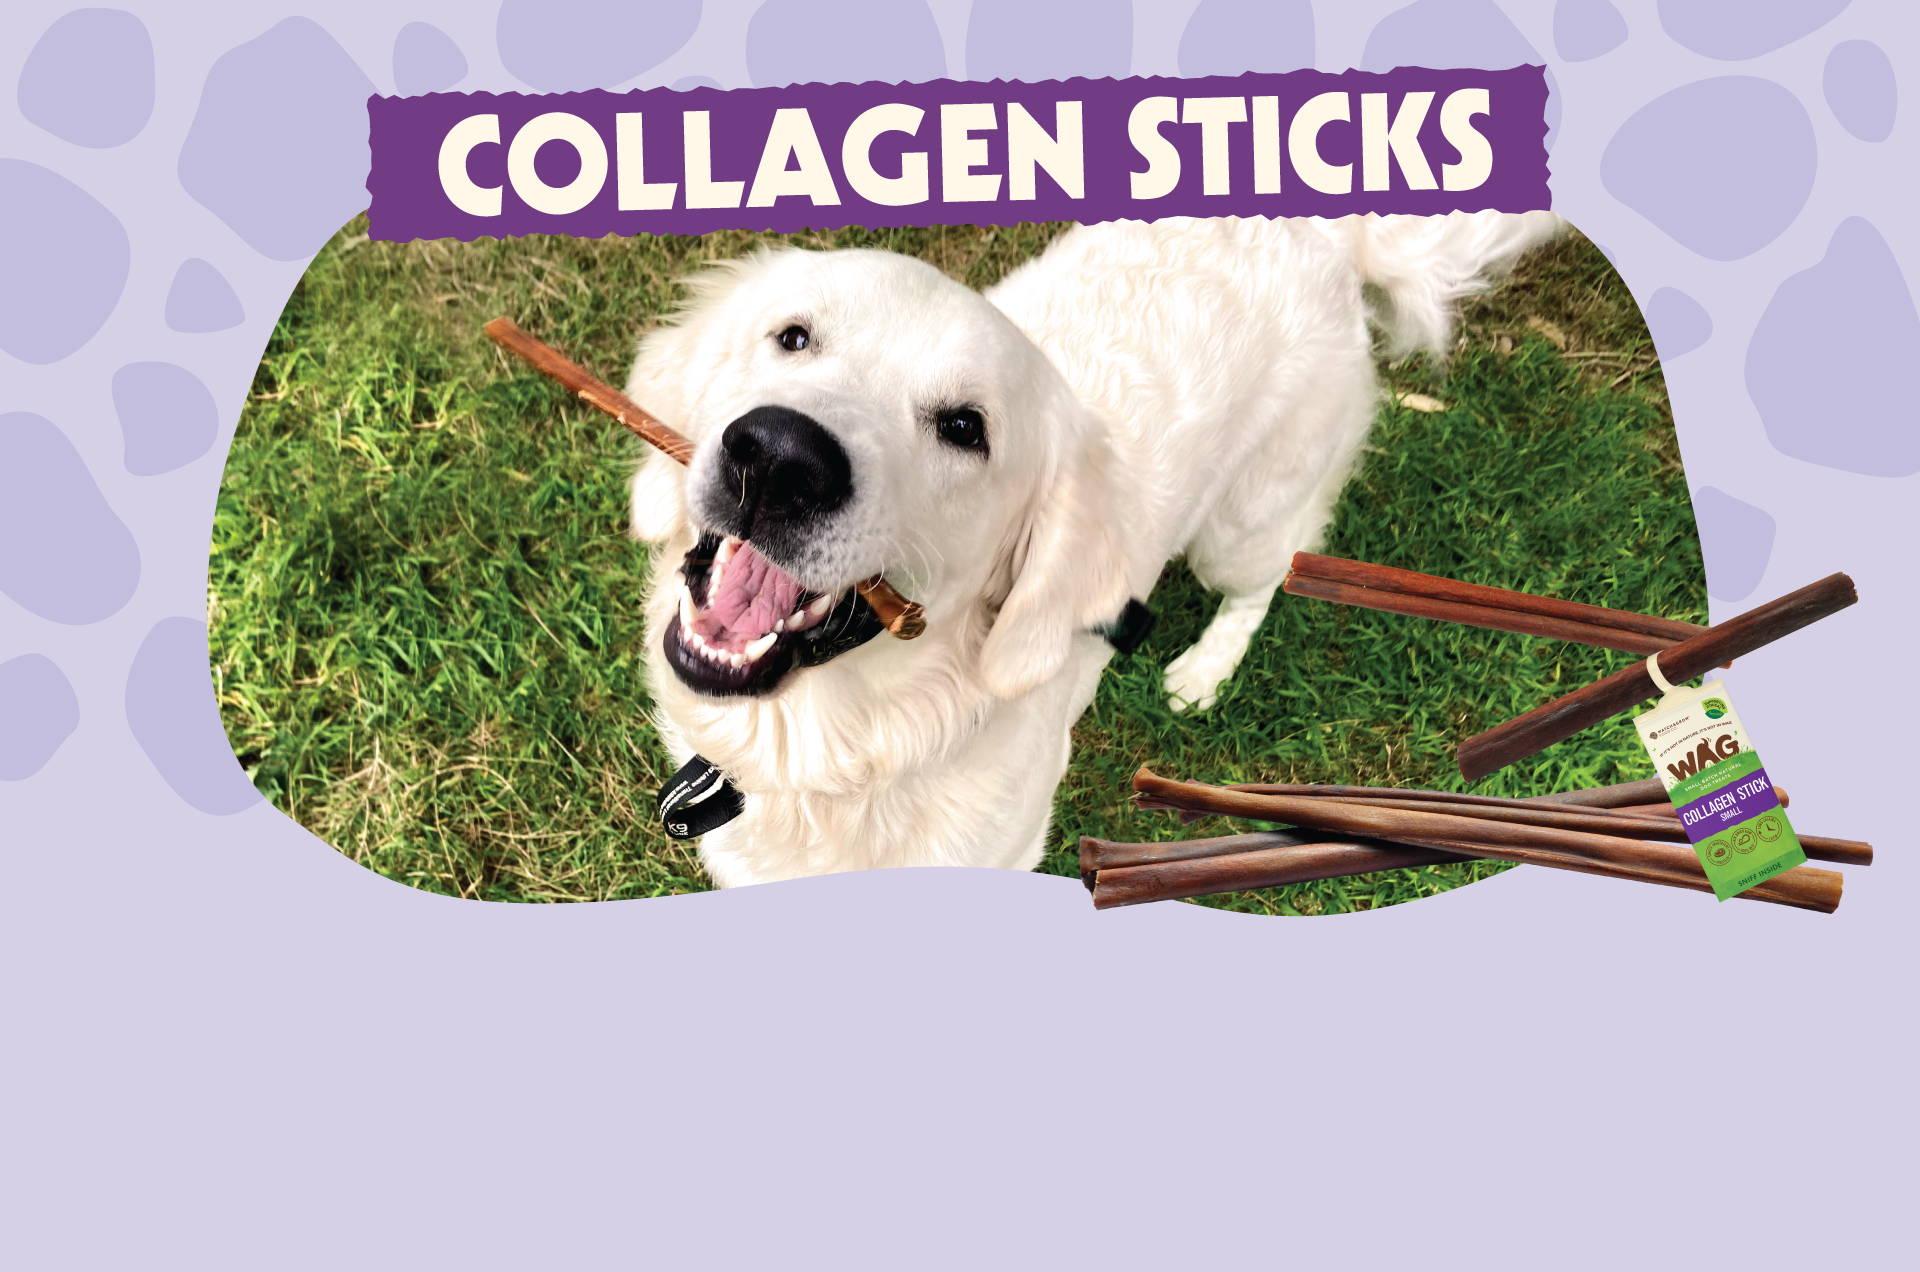 collagen sticks